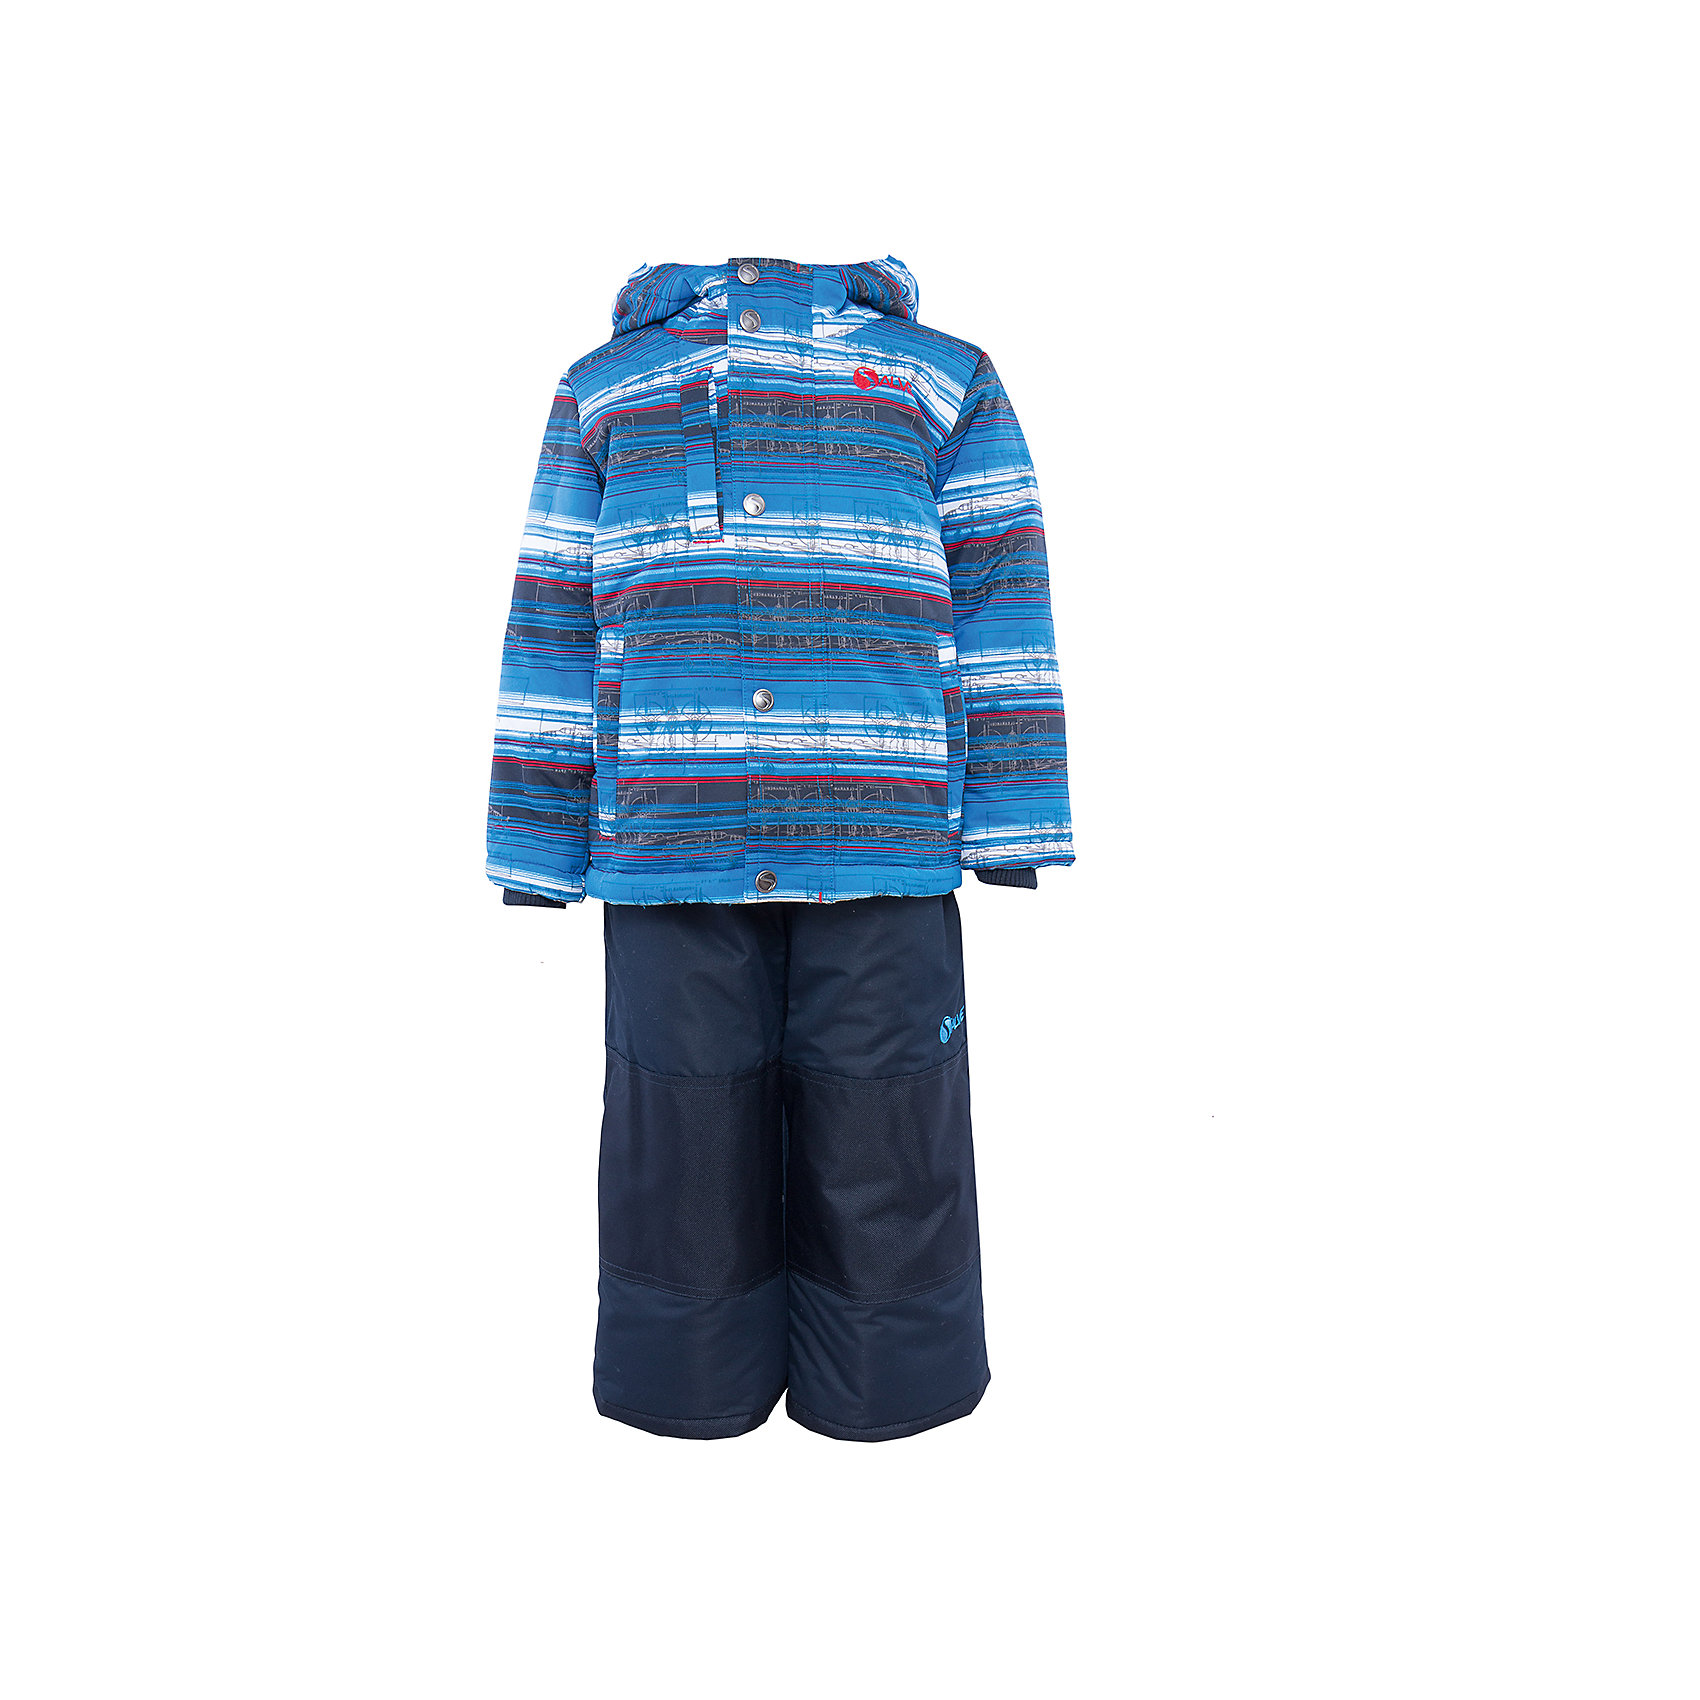 Salve Комплект: куртка и полукомбинезон для мальчика Salve комплект одежды для мальчика huppa avery куртка полукомбинезон цвет синий темно синий 41780030 72535 размер 86